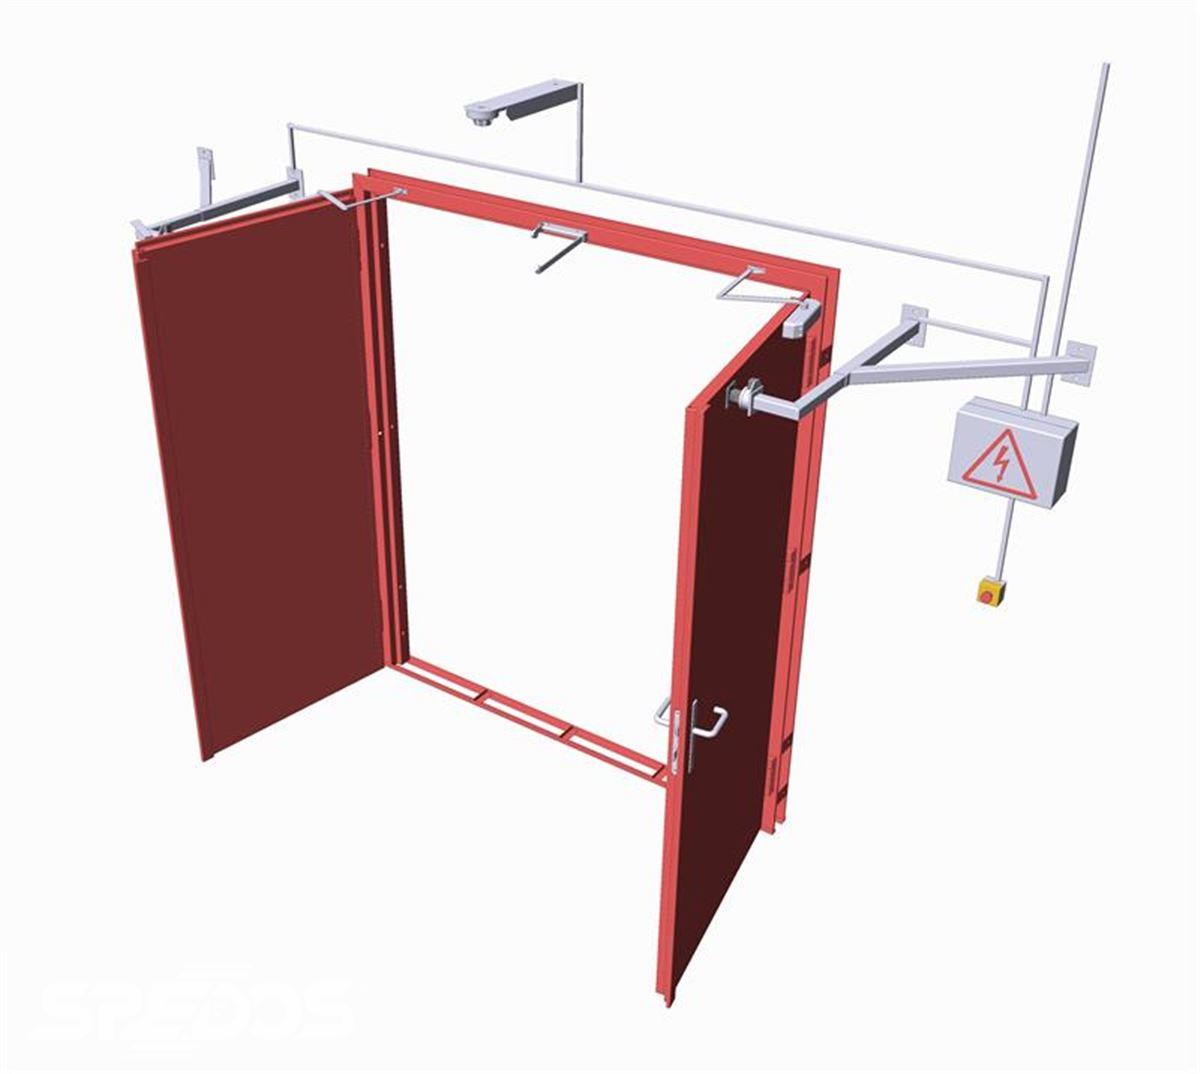 konstrukce protipožárních vrat otevíravých ocelových